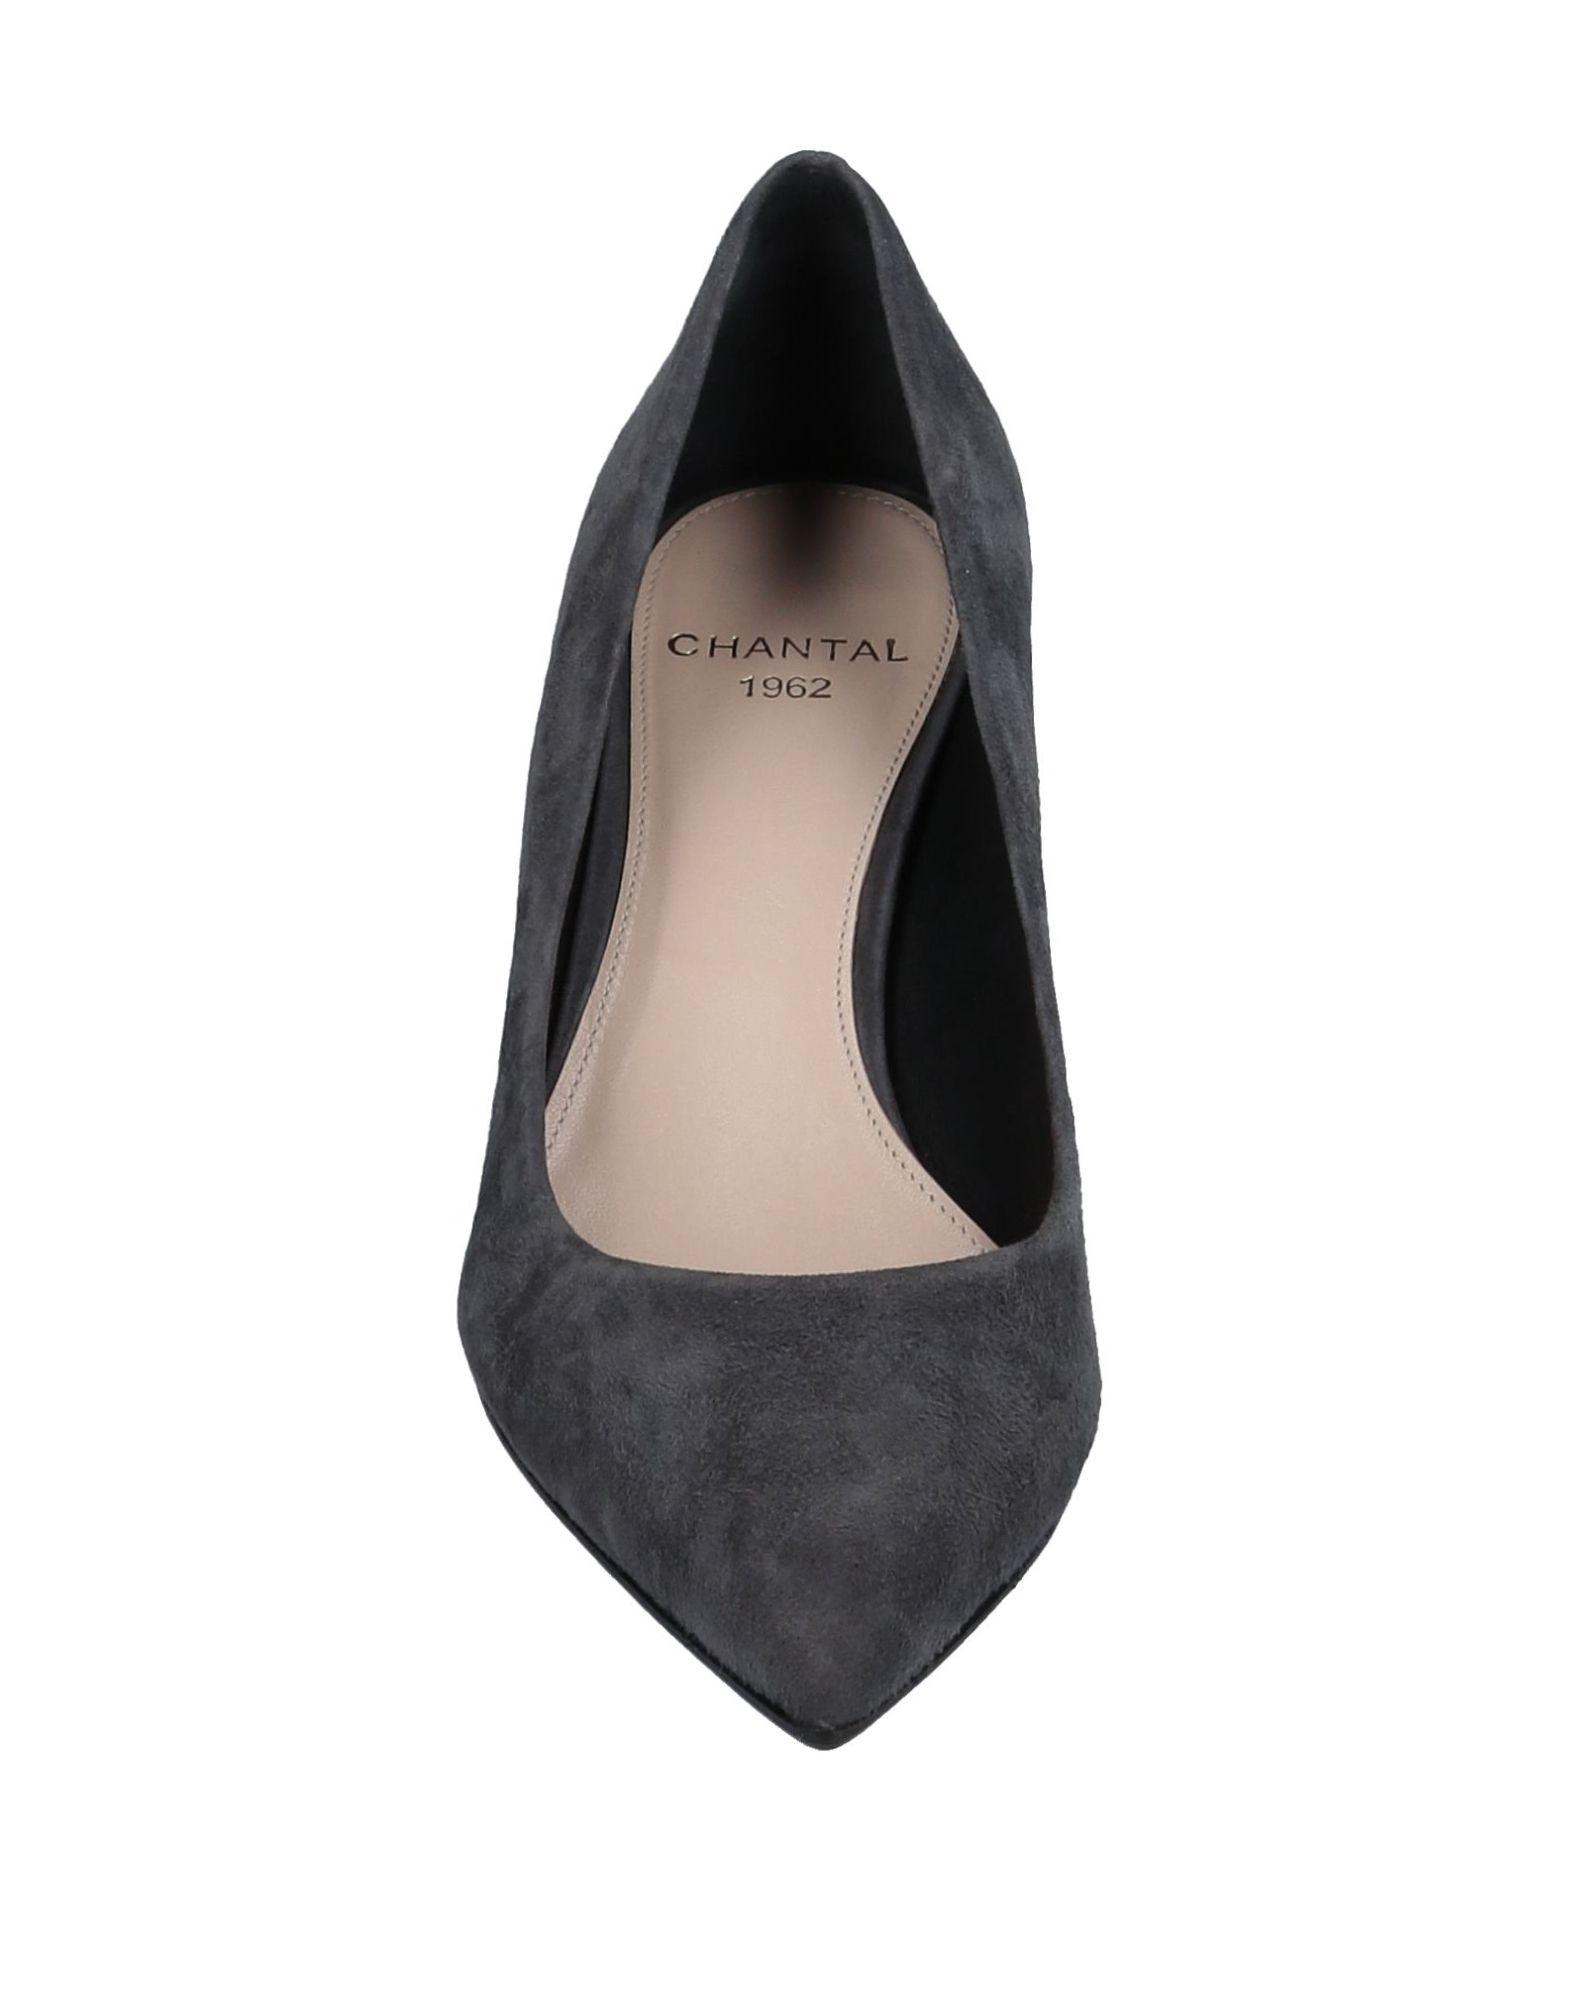 Chantal Pumps Damen  11556682KS Gute Schuhe Qualität beliebte Schuhe Gute 0ac3b8